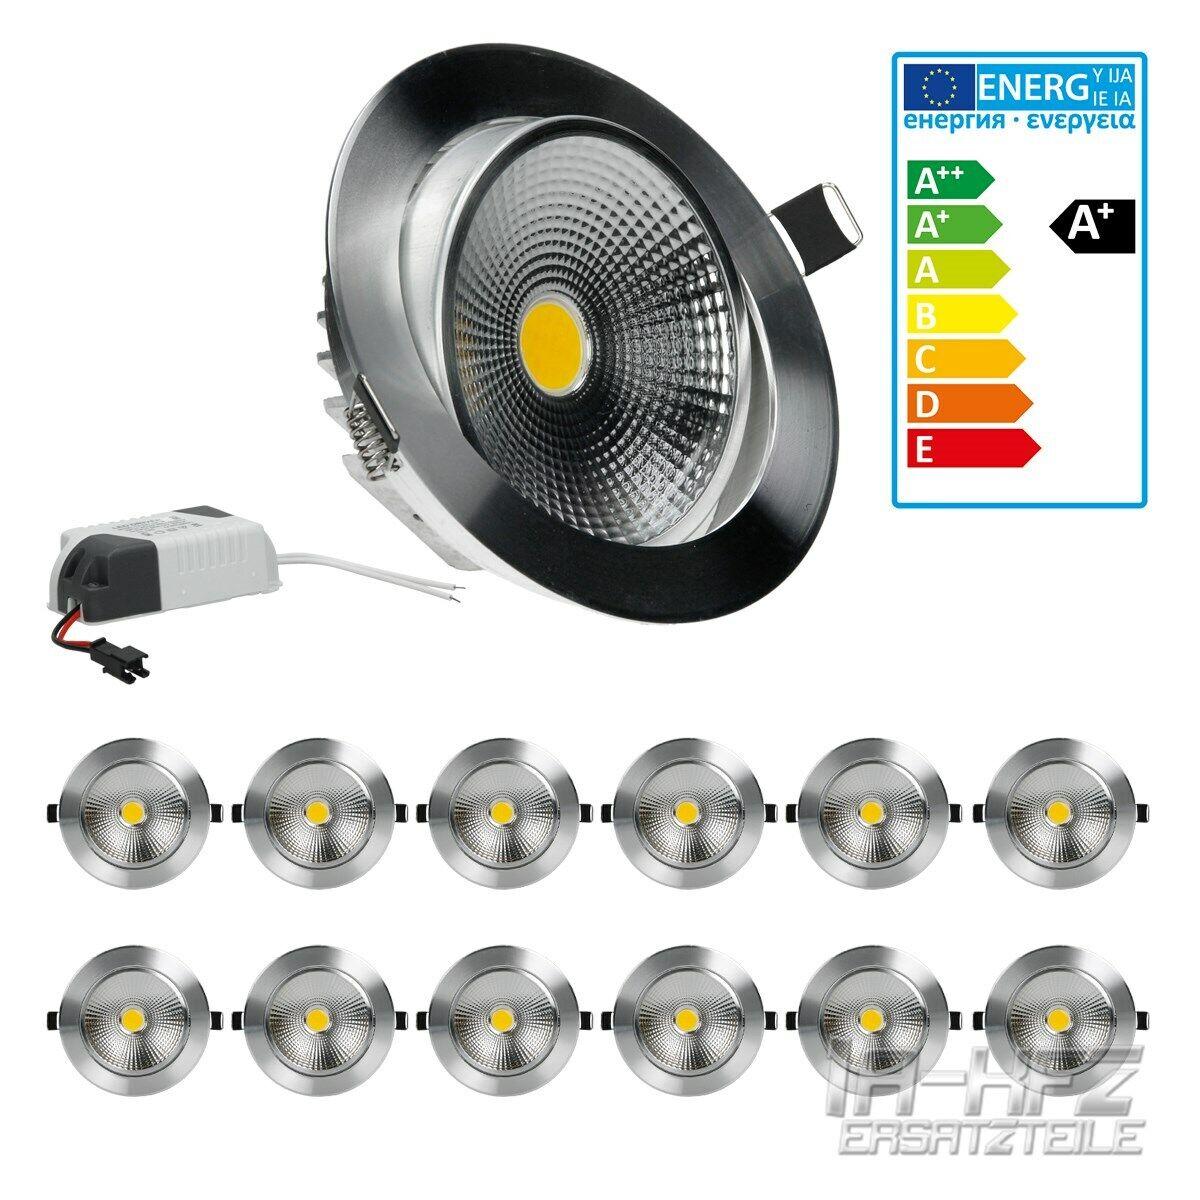 12 x LED COB Einbaustrahler Einbaulampe Strahler Beleuchtung Rund 12W Warmweiß